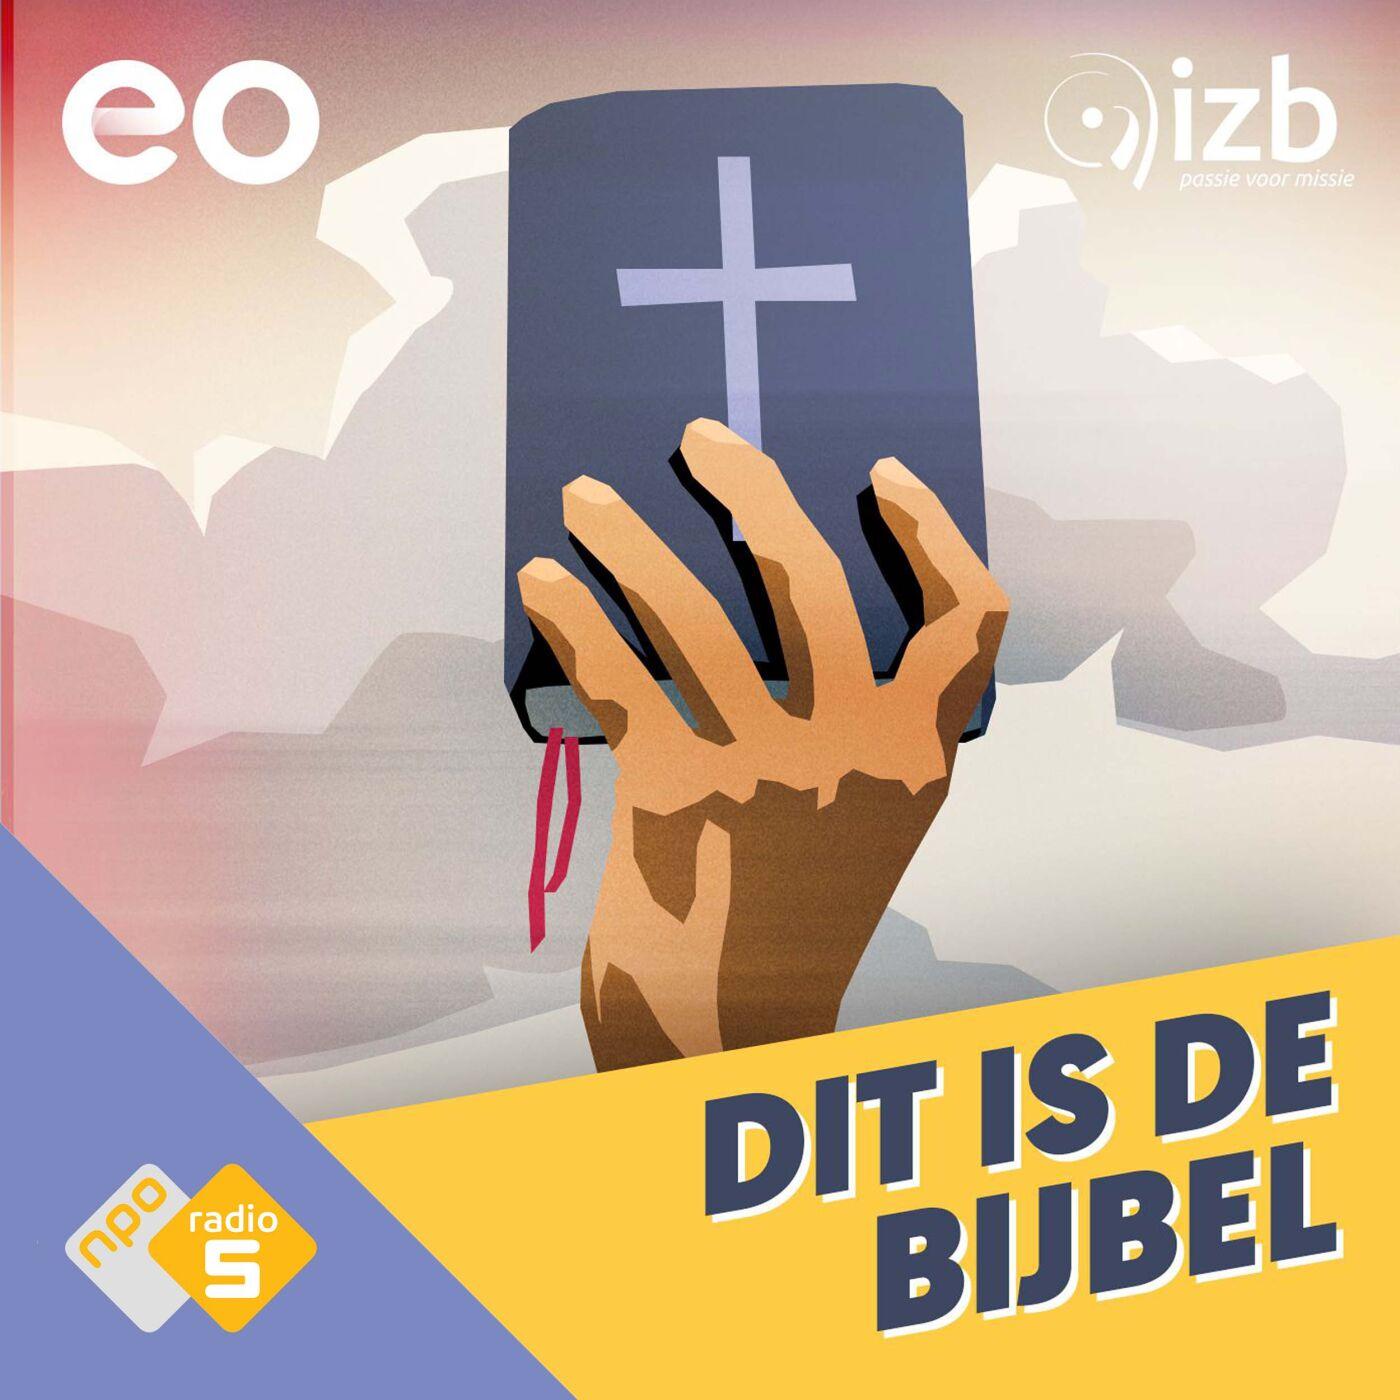 Dit is de Bijbel logo